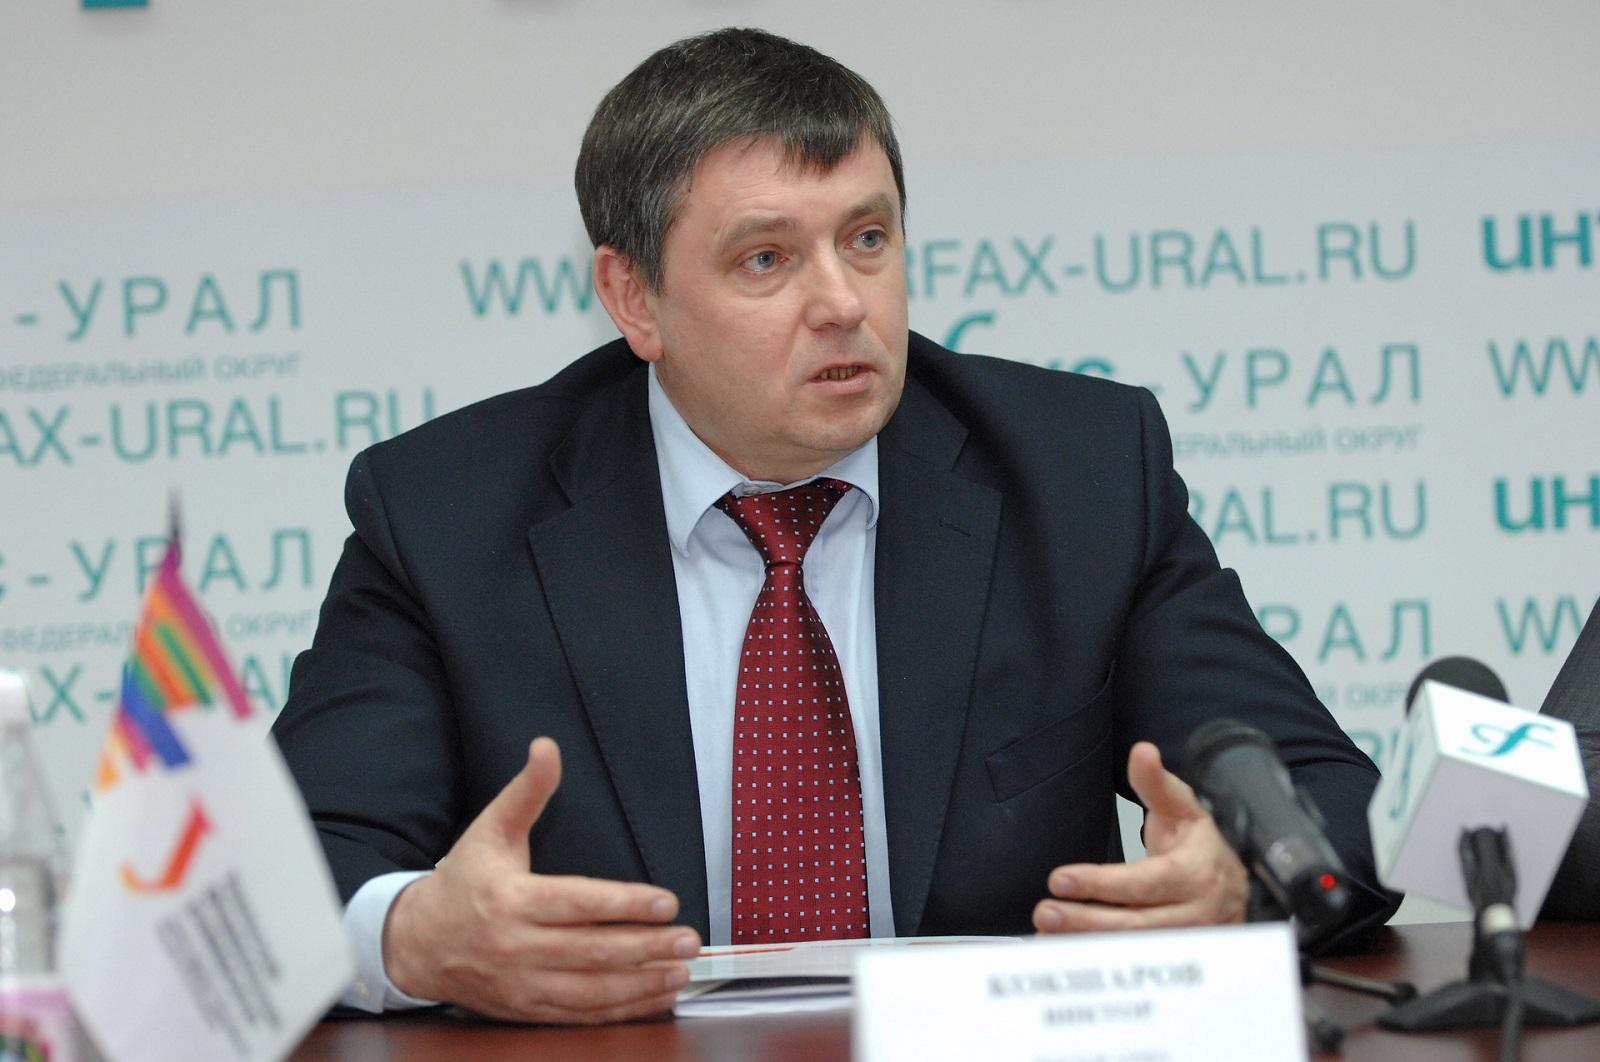 乌拉尔联邦大学校长 – 维克托·科克沙罗夫